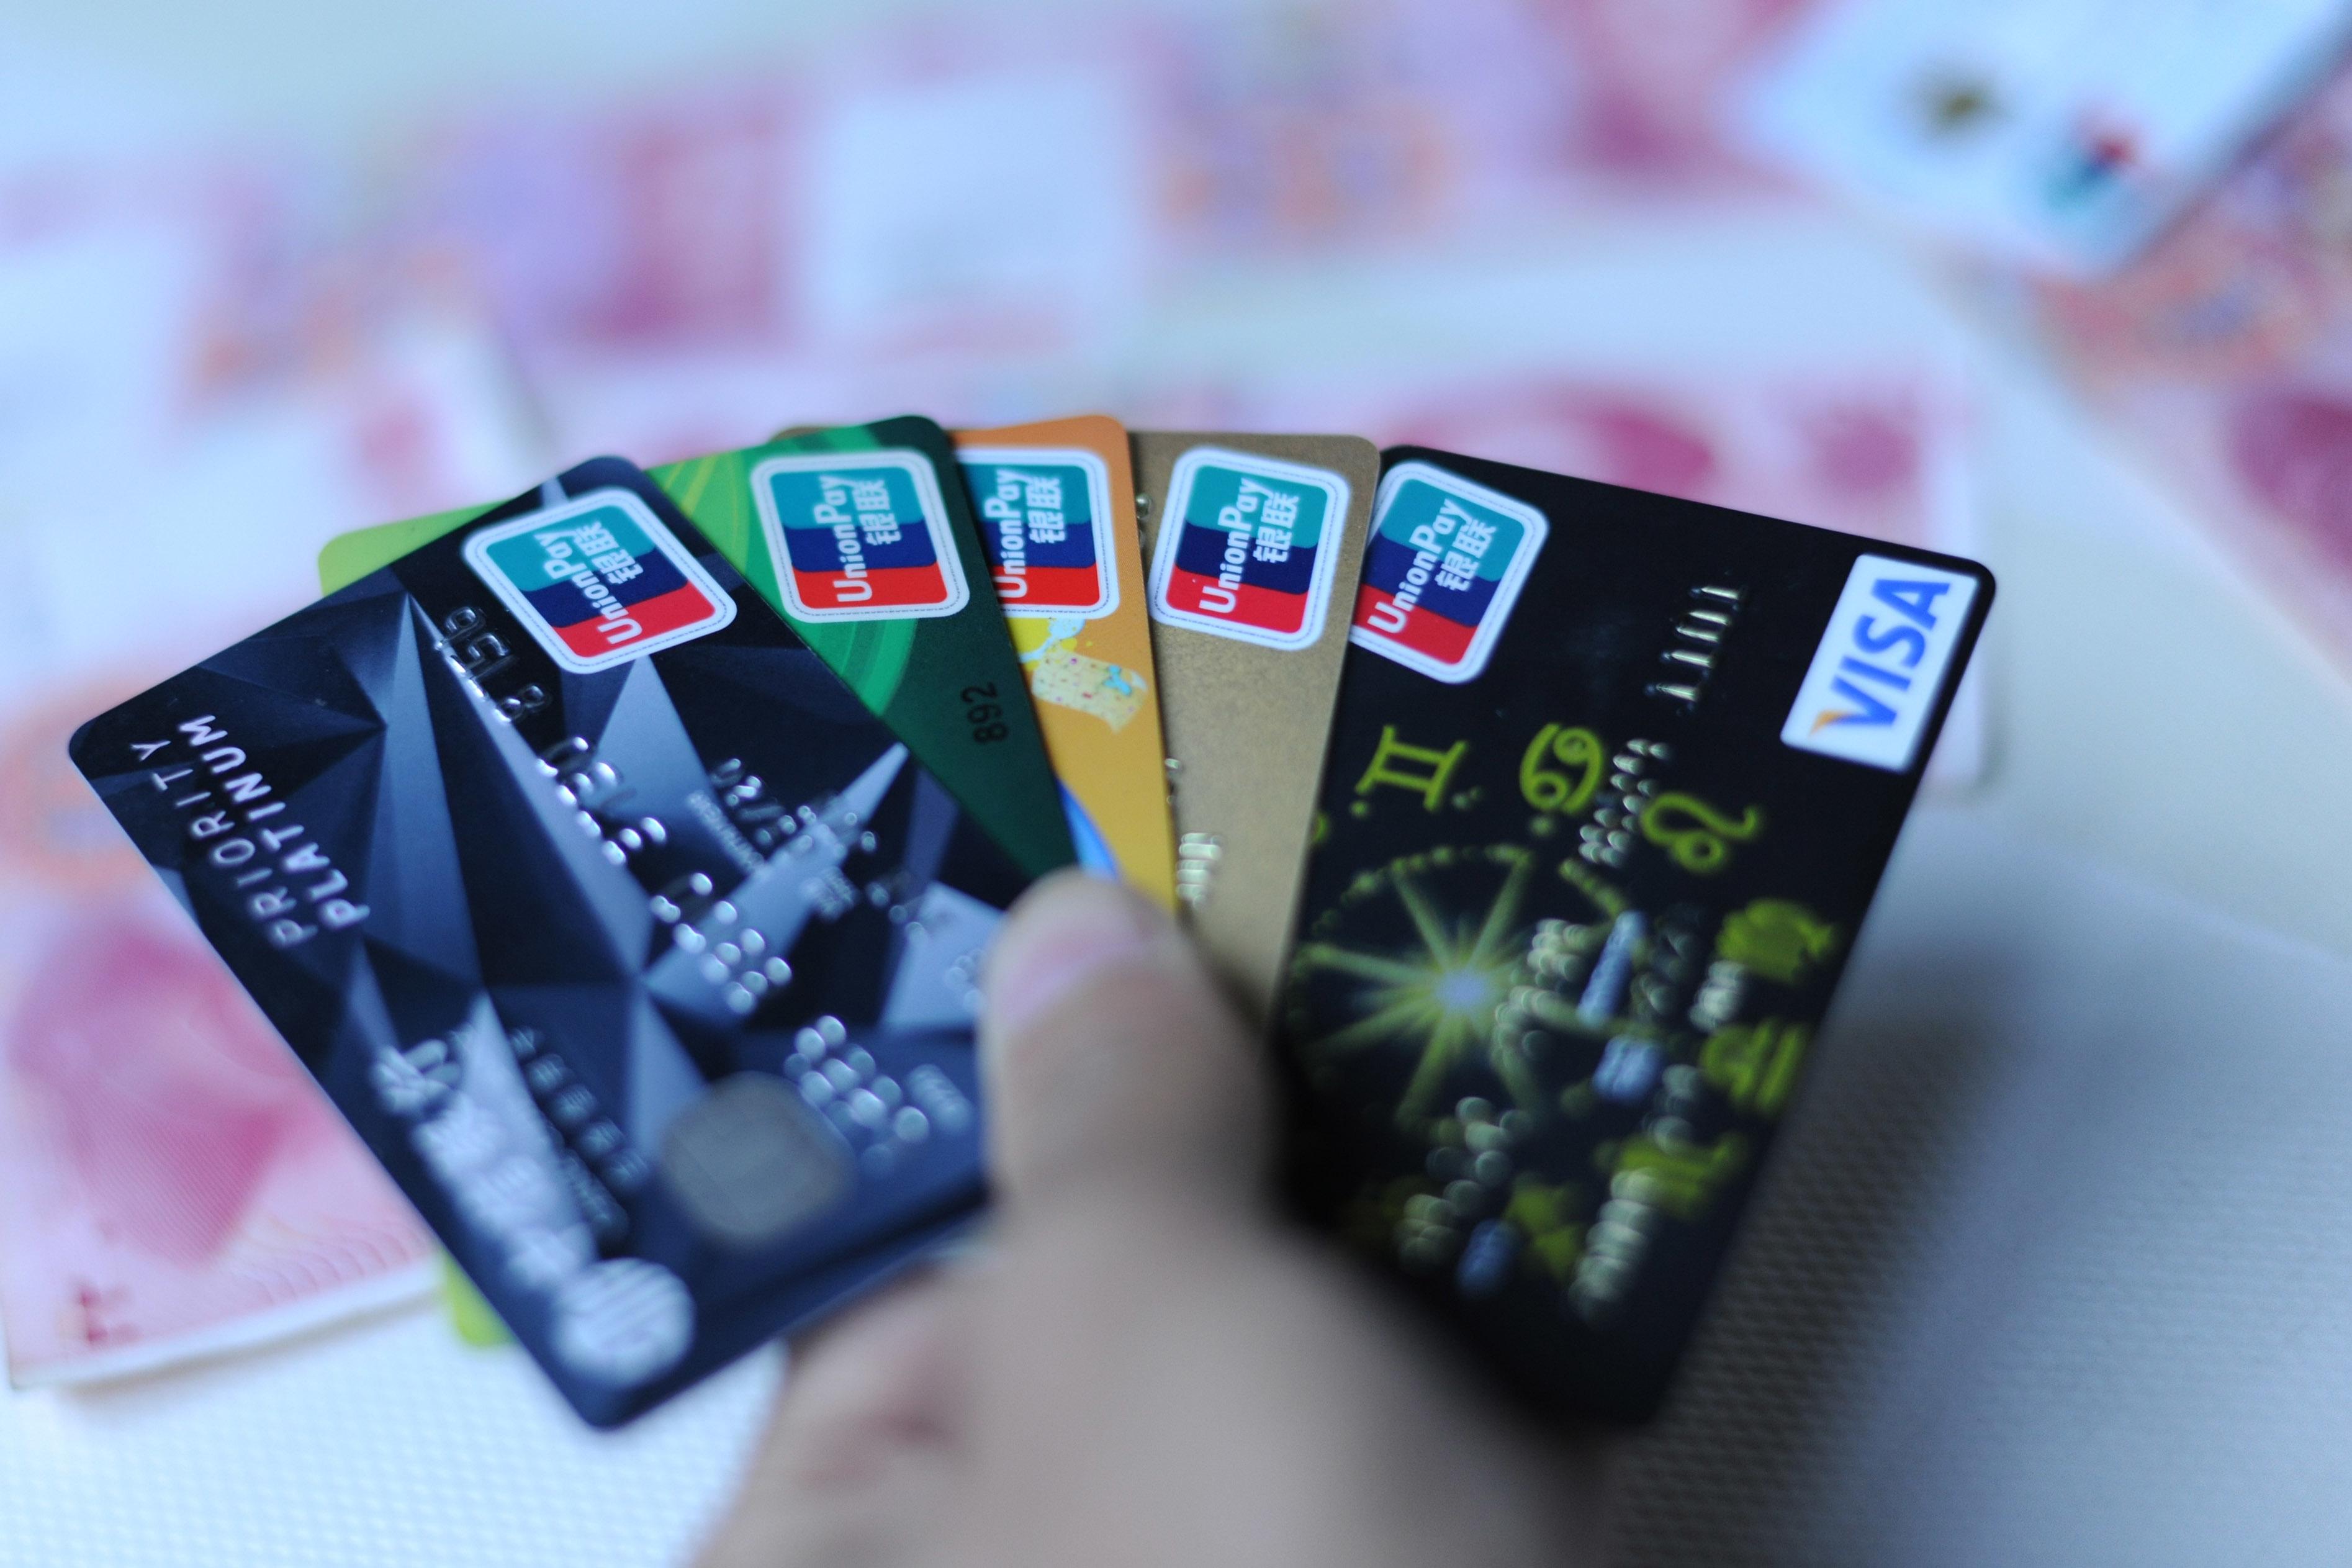 销了15行35张信用卡后,银行给我提额了...